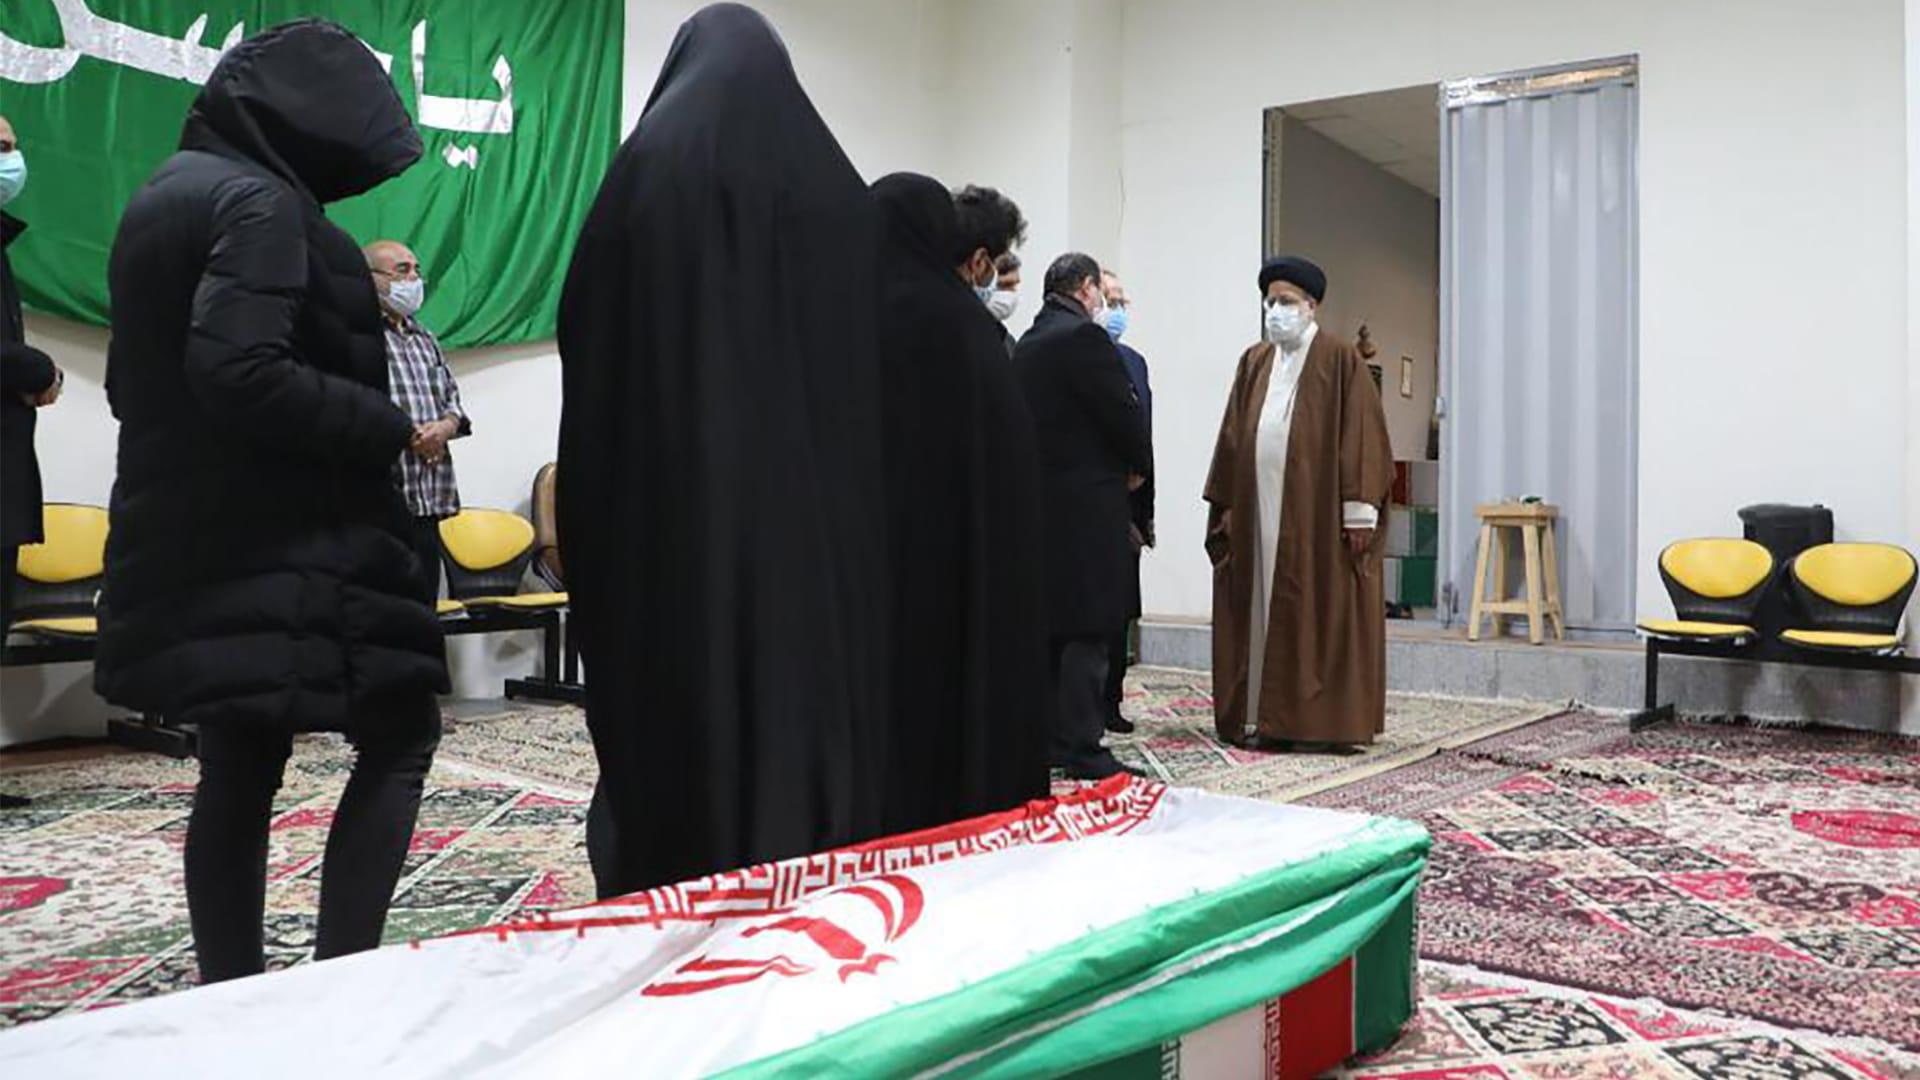 مسؤول إيراني بعد مقتل فخري زادة: القبول بالتفاوض قد تُفسر كإشارة ضعف